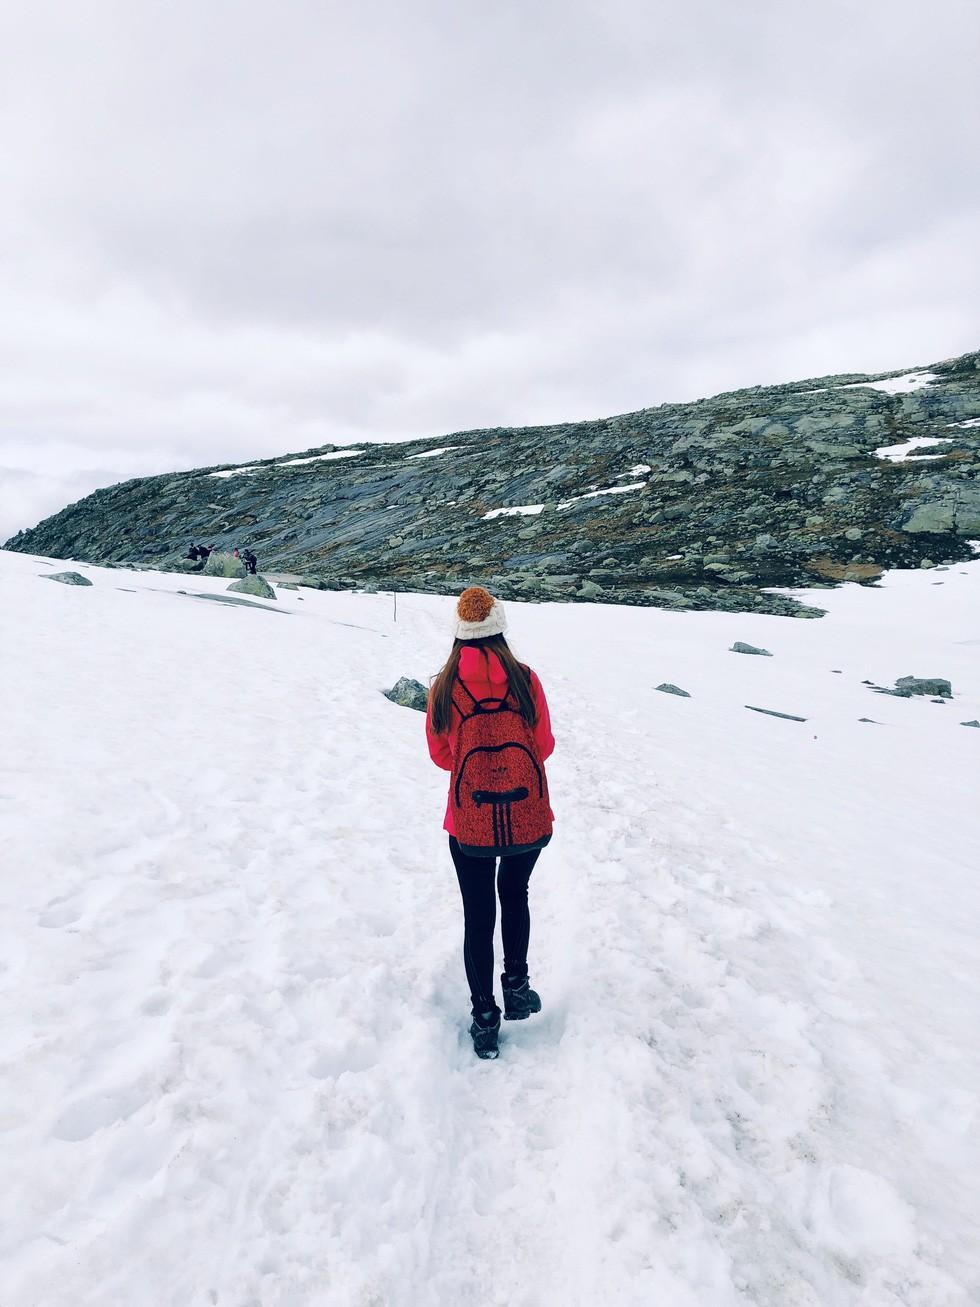 Cô gái Việt trèo đèo lội tuyết lên 'Lưỡi quỉ' ở Na Uy - Ảnh 5.